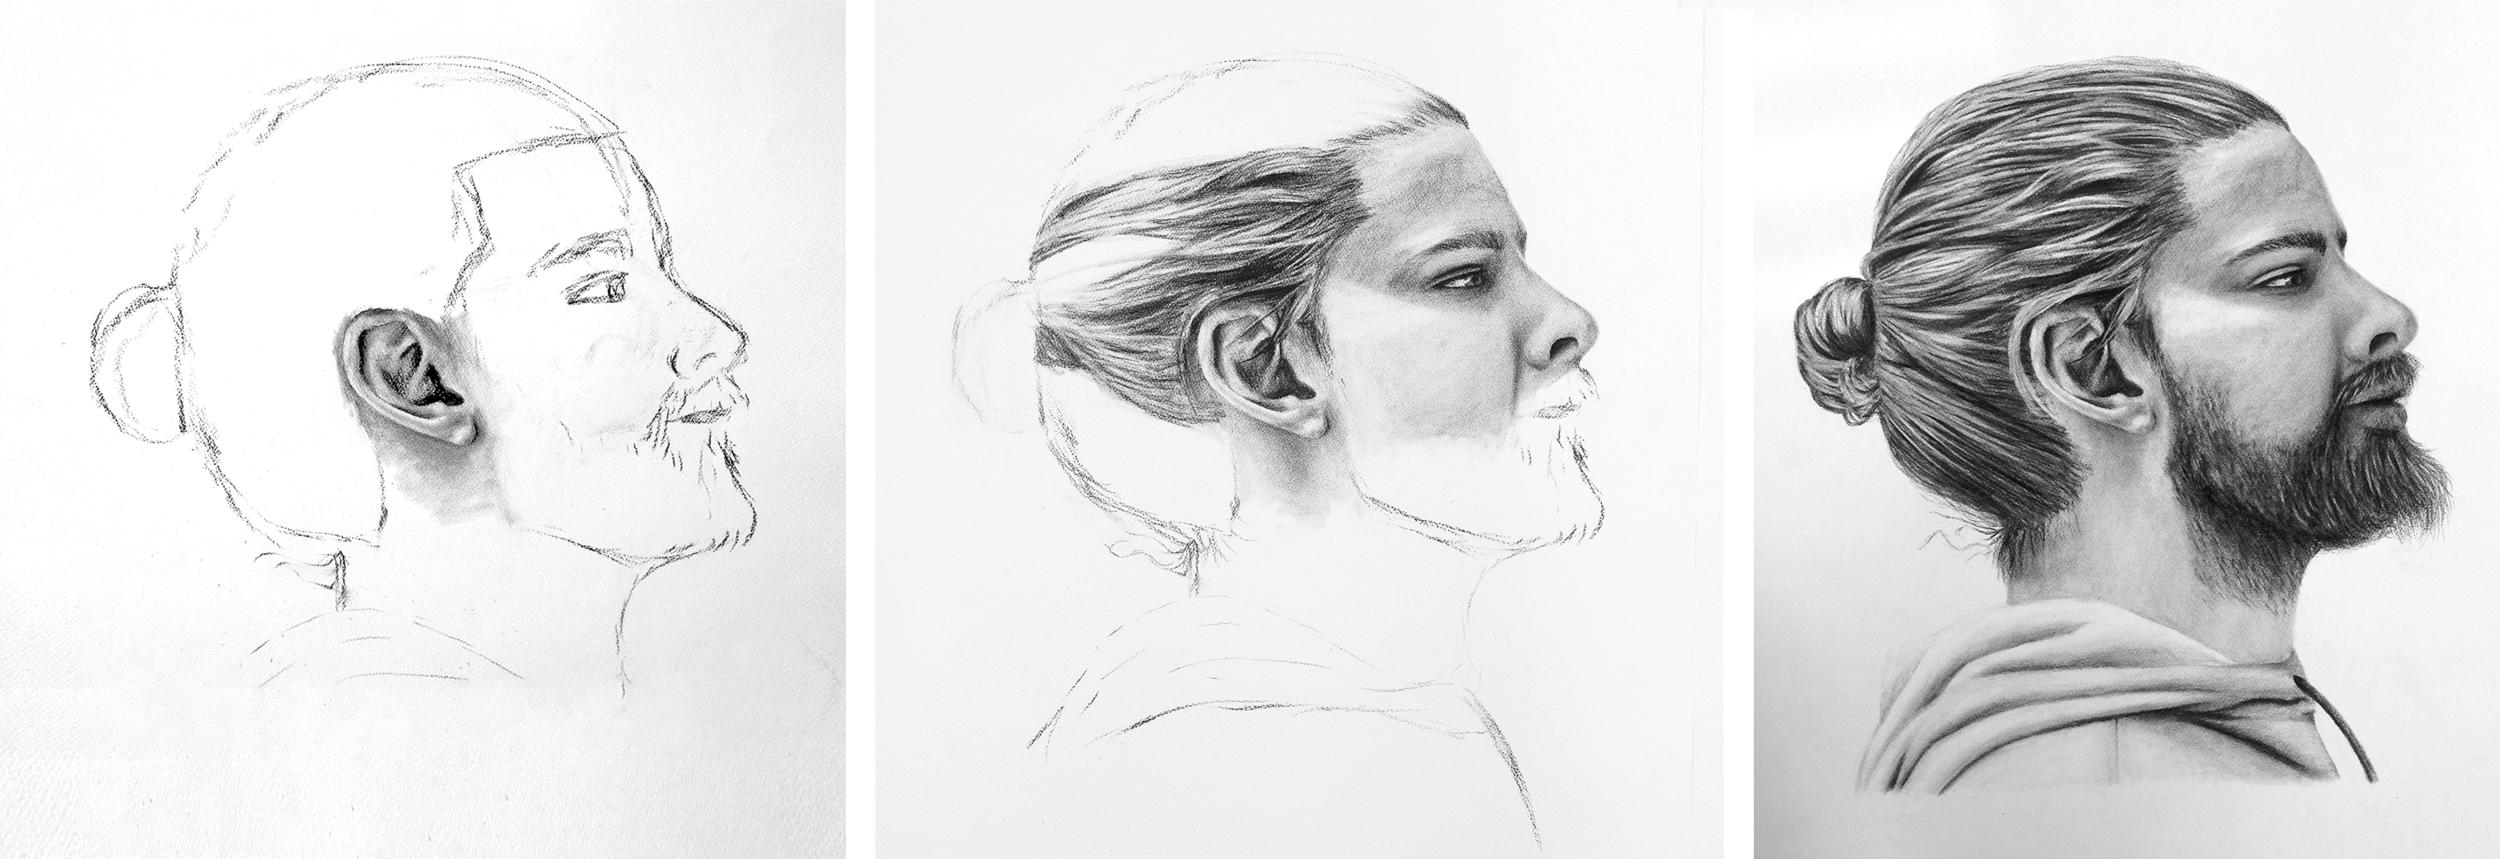 Charcoal-drawing-mans-face-man-bun.png